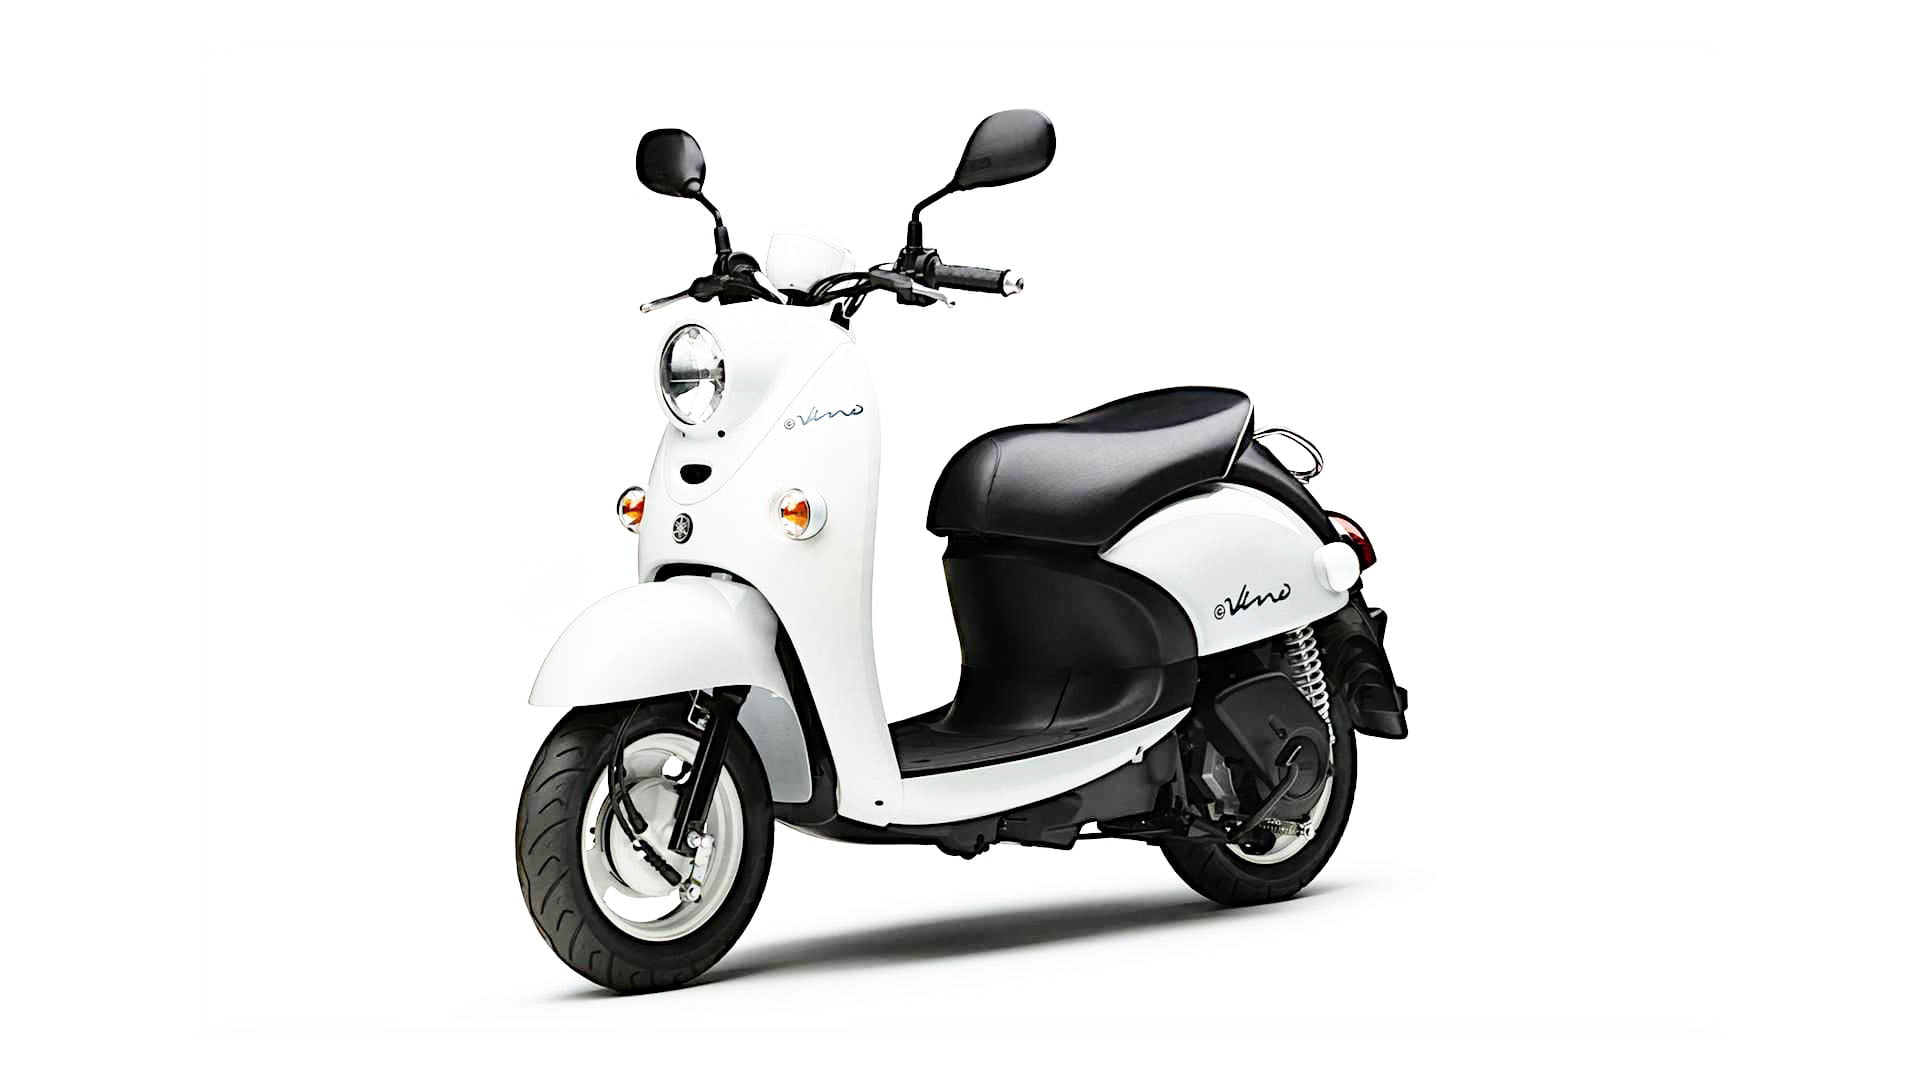 moto yamaha e-vino